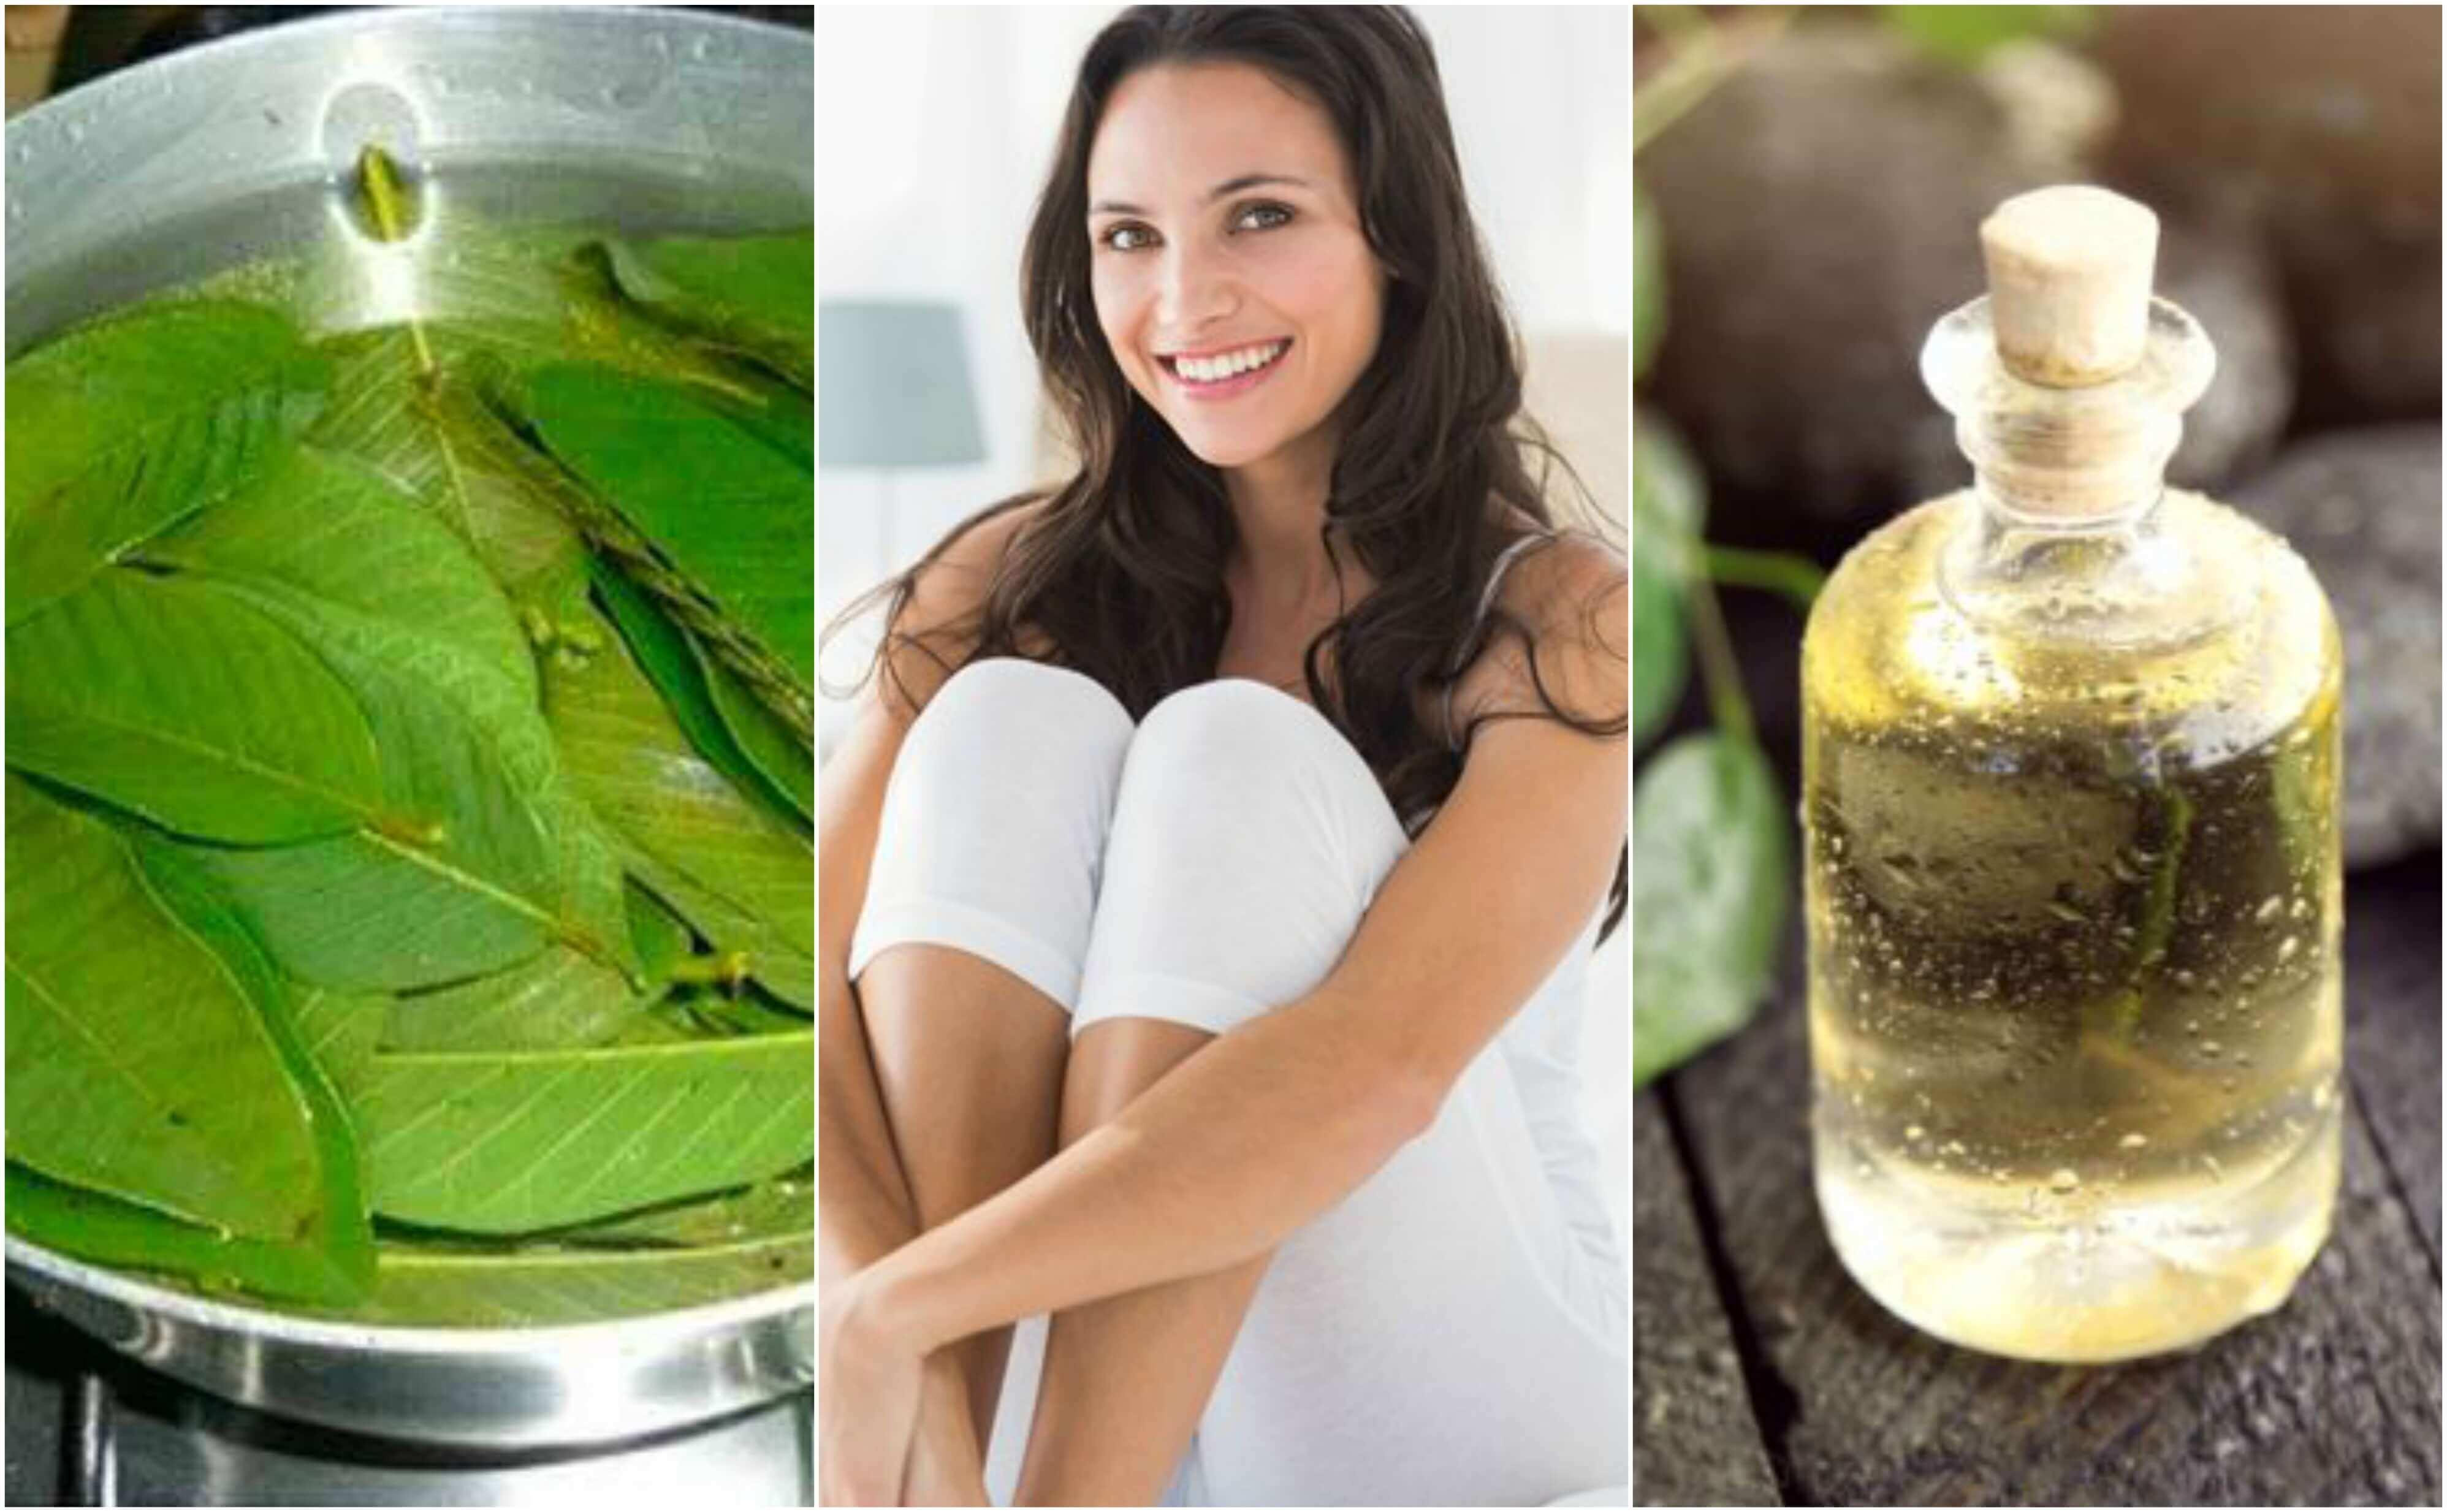 Como evitar o mau cheiro da região íntima com remédios caseiros